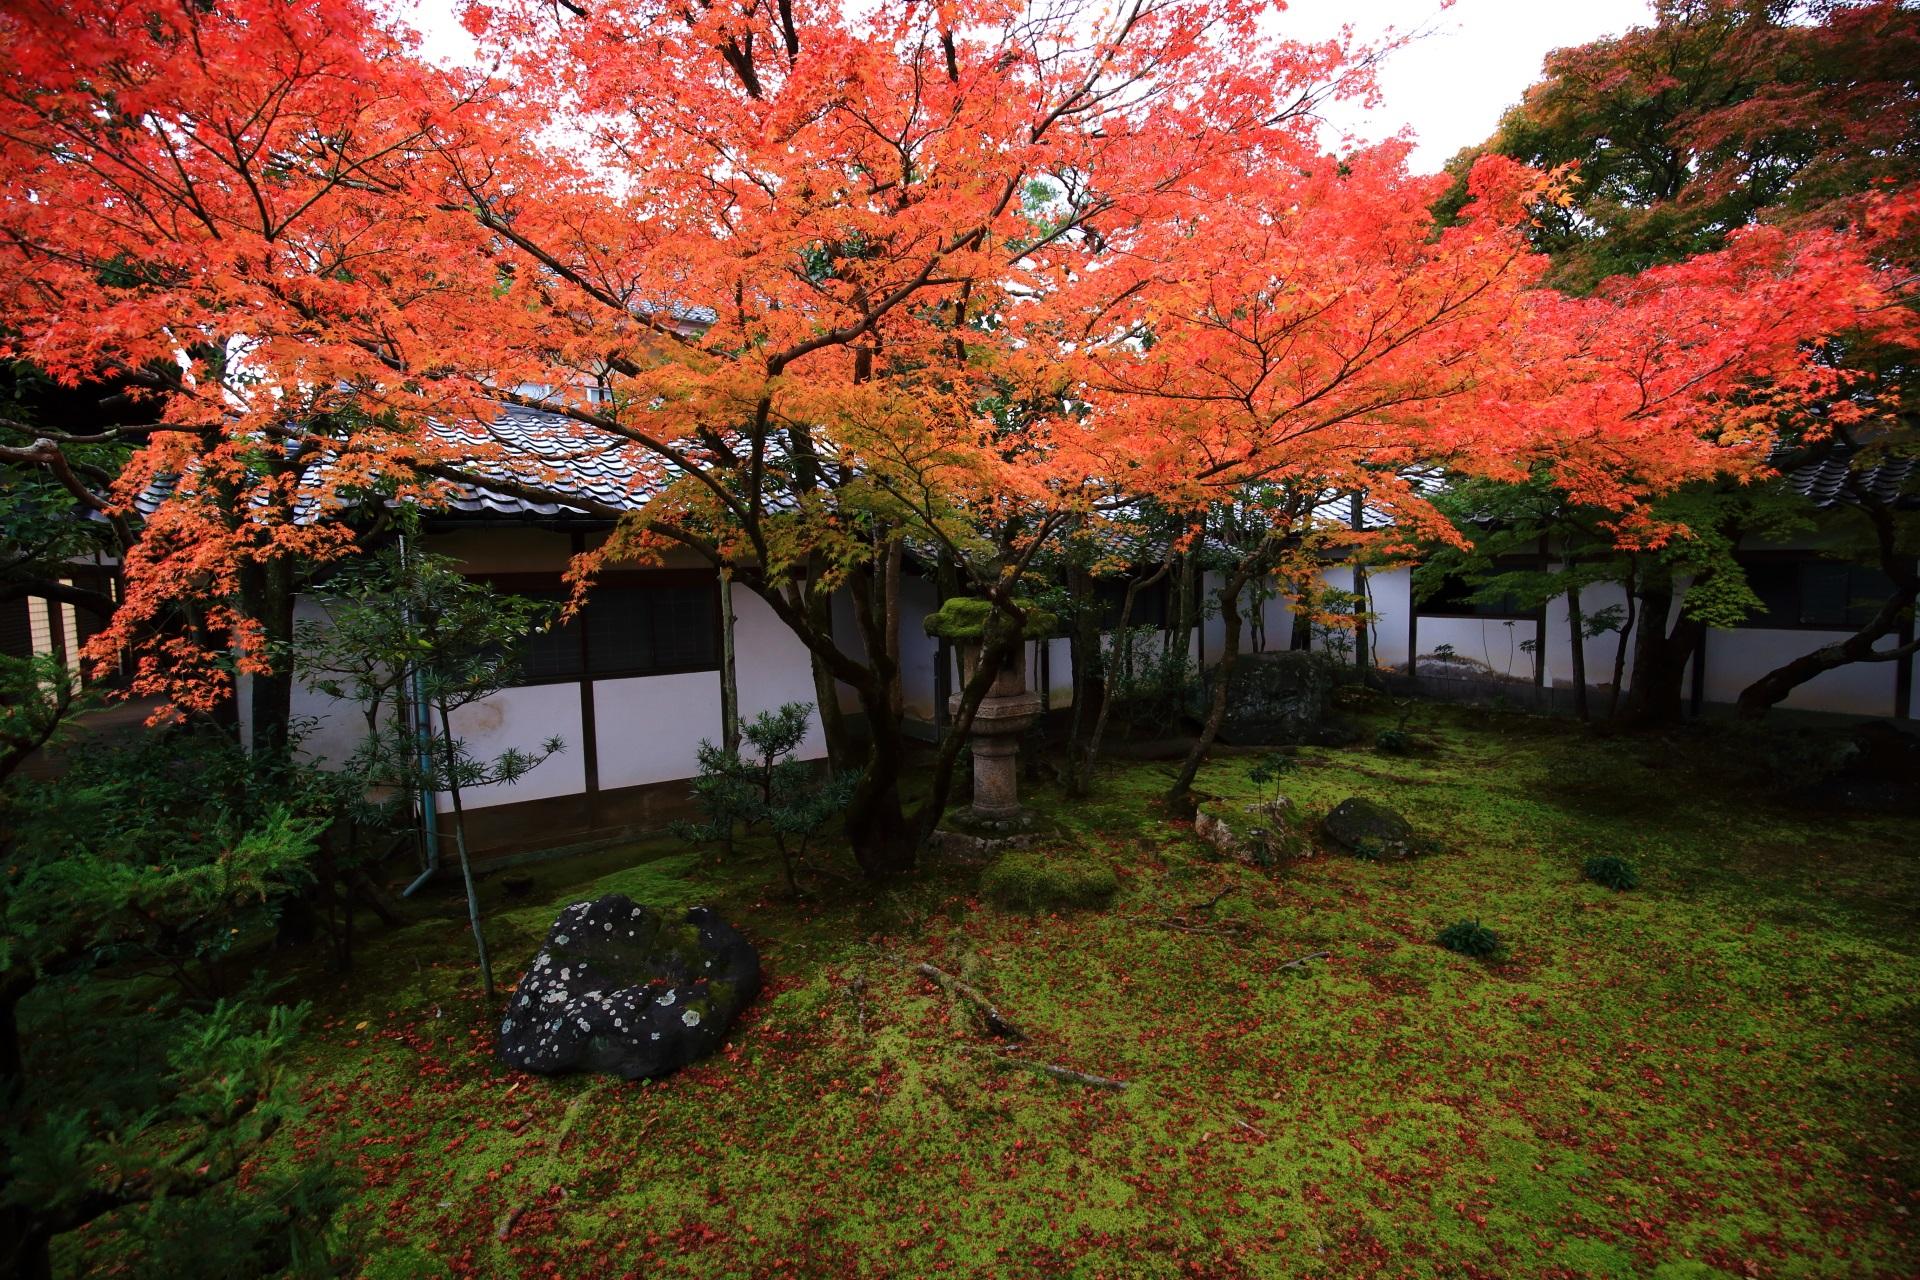 仁和寺の黒書院前の中庭の枝を大きく広げて華やぐ紅葉